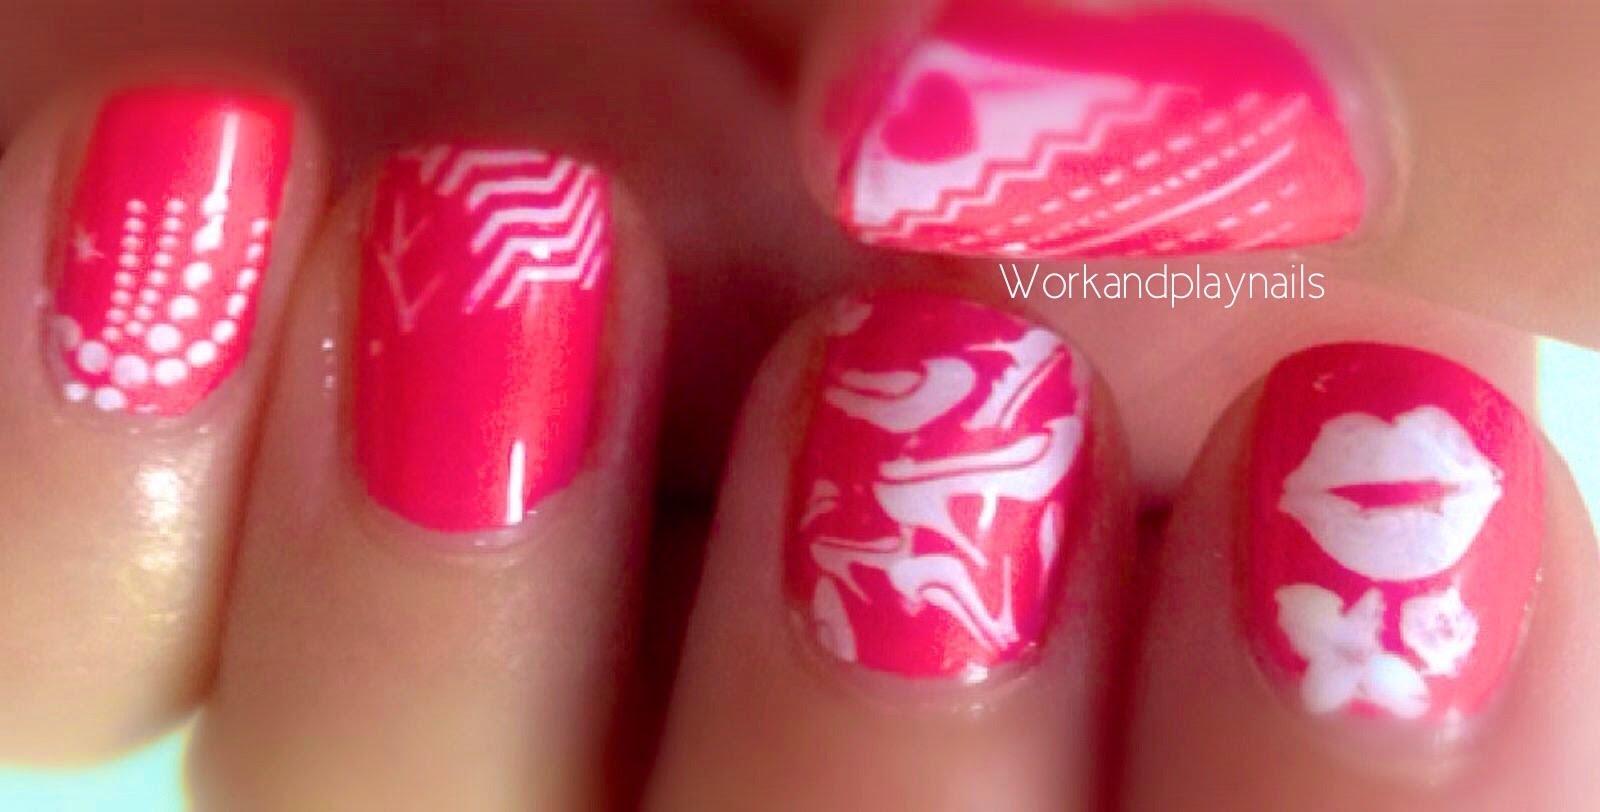 Gossip Girl Nail Art Xoxo Work And Play Nails